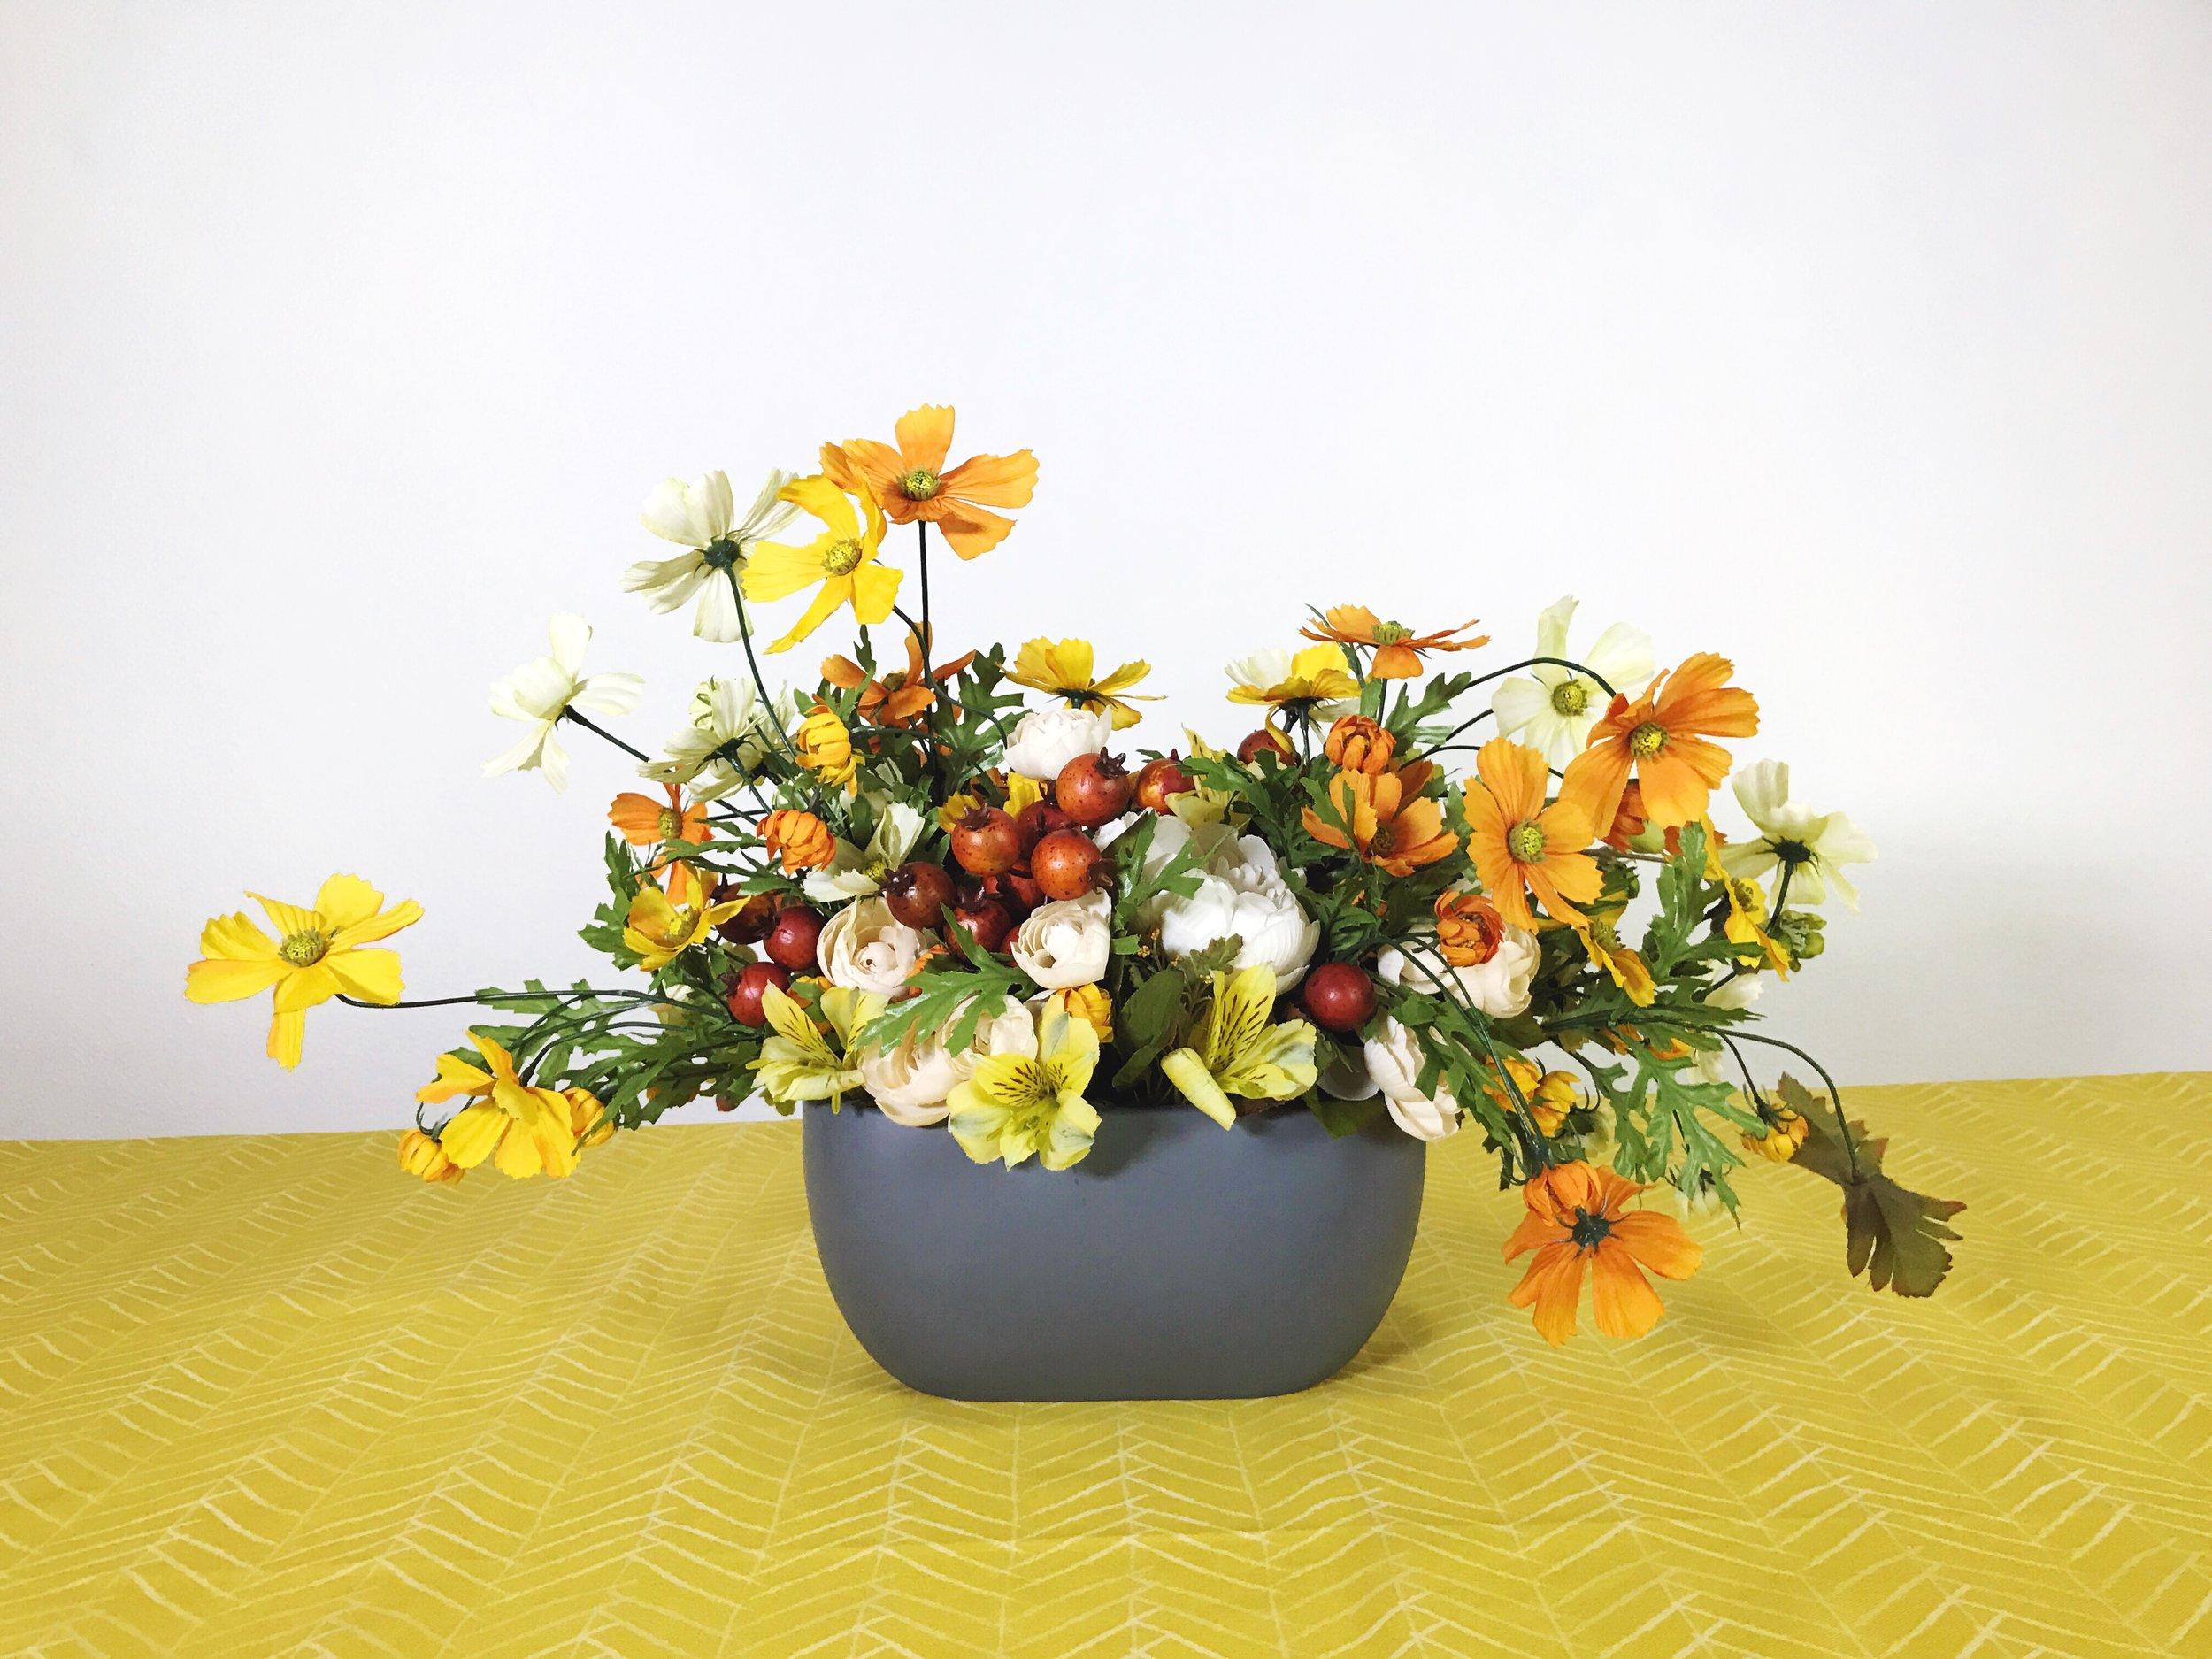 Original_Marabou-Design-Homemade-Harvest-Centerpiece—Step-4.JPG